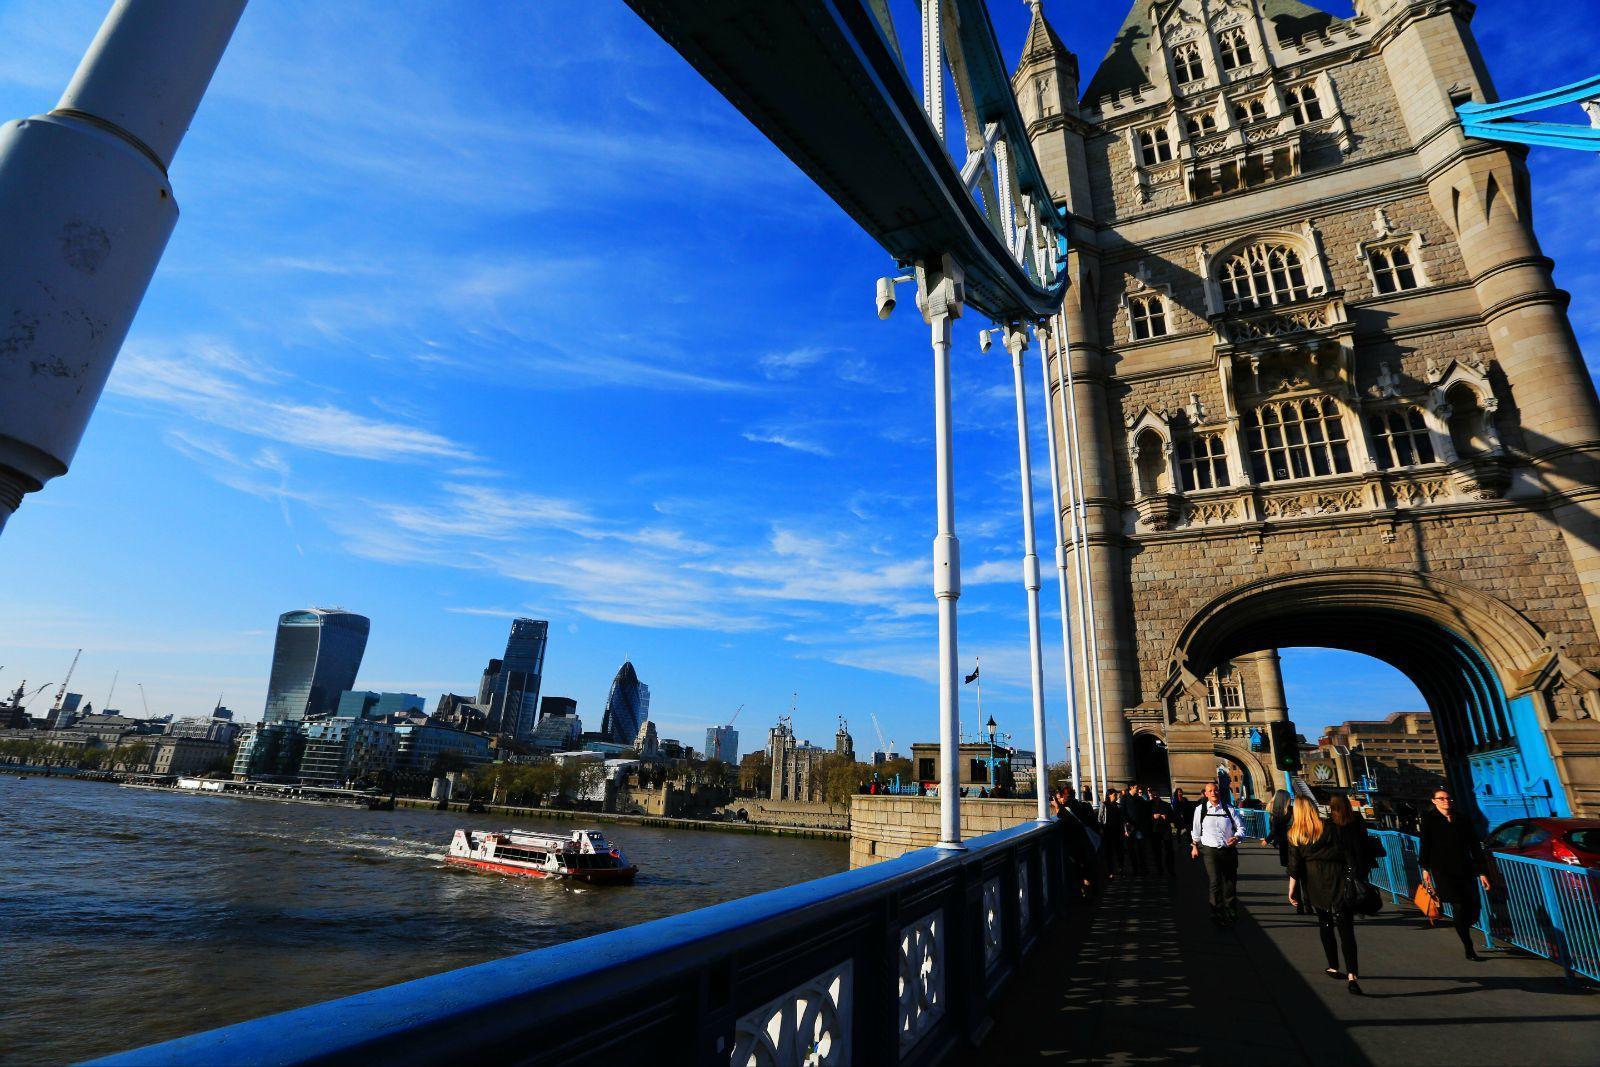 伦敦自由行攻略-驴寺庙游记大理攻略住宿妈妈图片